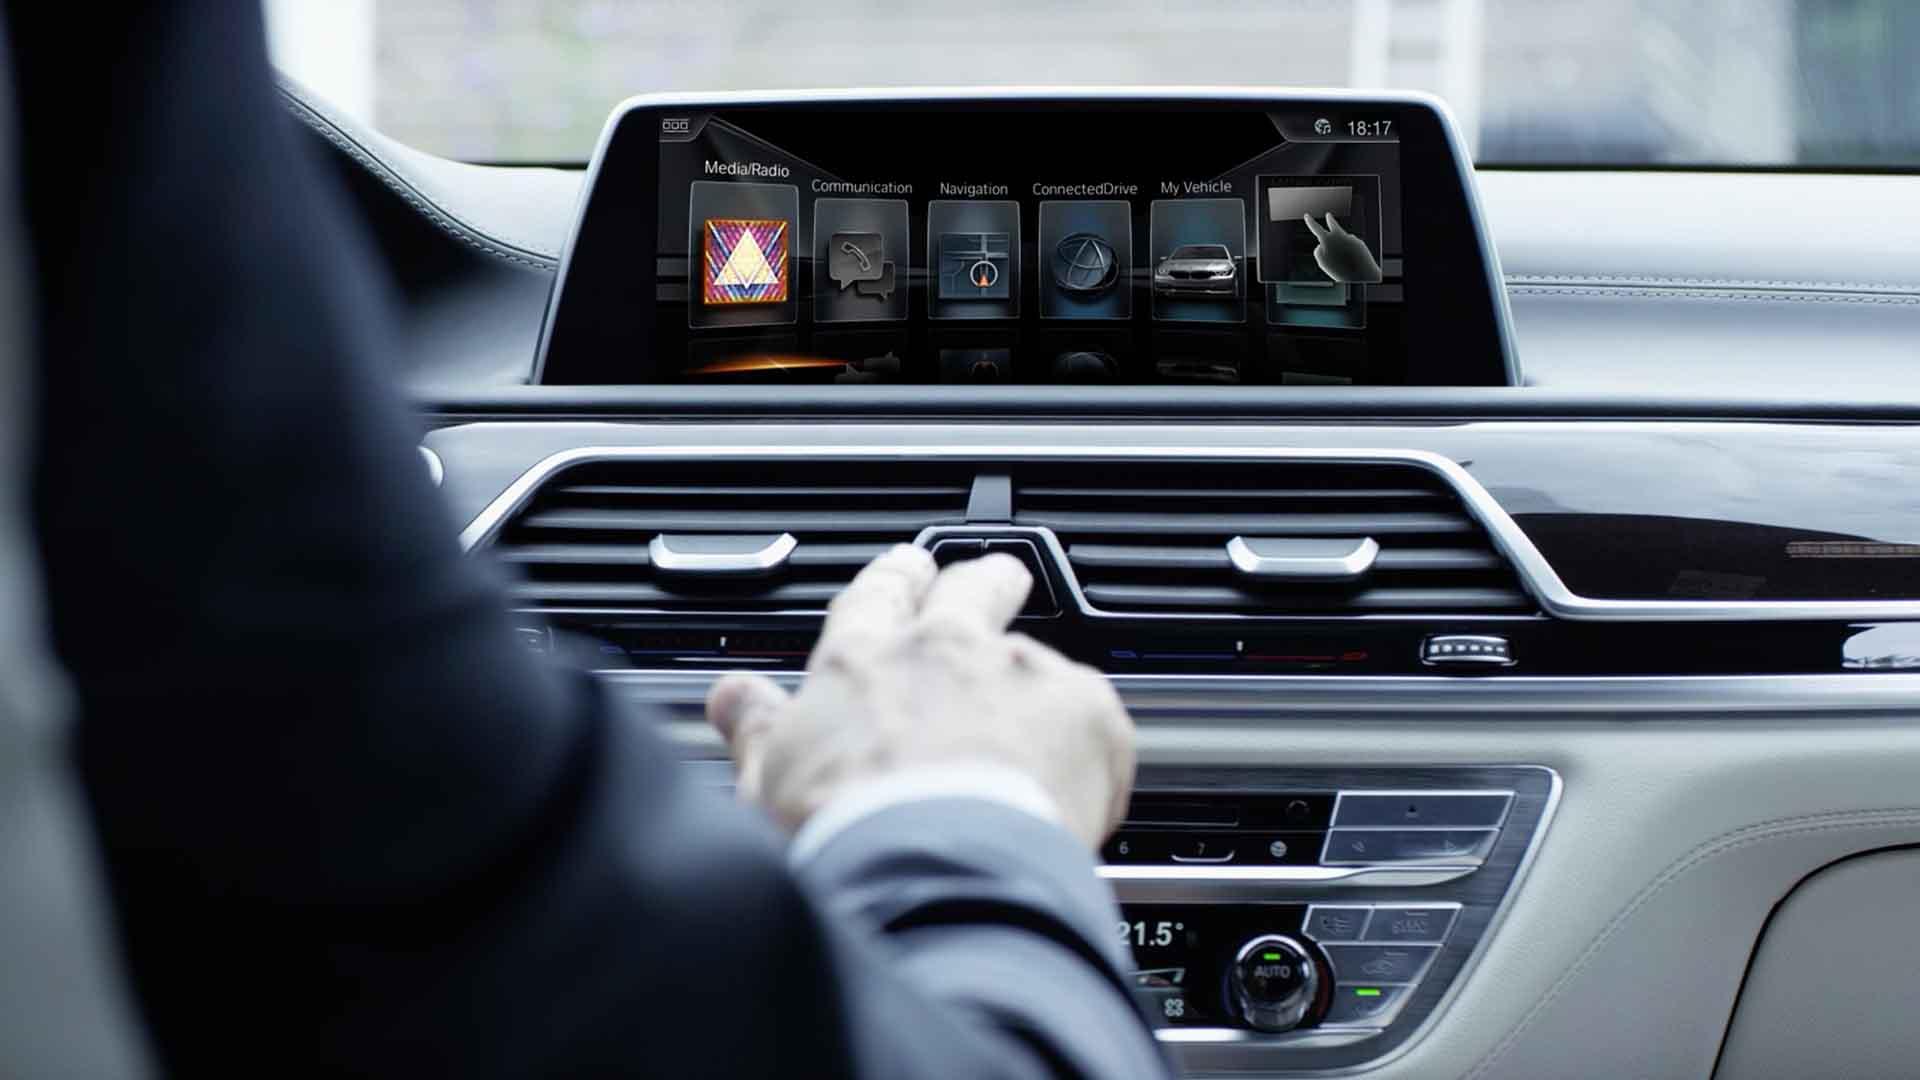 Das Bild zeigt die Mittelkonsole eines Autos. Eine Hand fässt die Lüftung des Autos an. Auf einem Monitor, der auf der oberen Seite der Mittelkonsole angebracht ist, sieht man eine Auswahl an verschiedenen Modi. Das Bild dient als Making Of Bild für den Portfolioeintrag BMW Connected Drive Schweigefuchs von Panda Pictures.